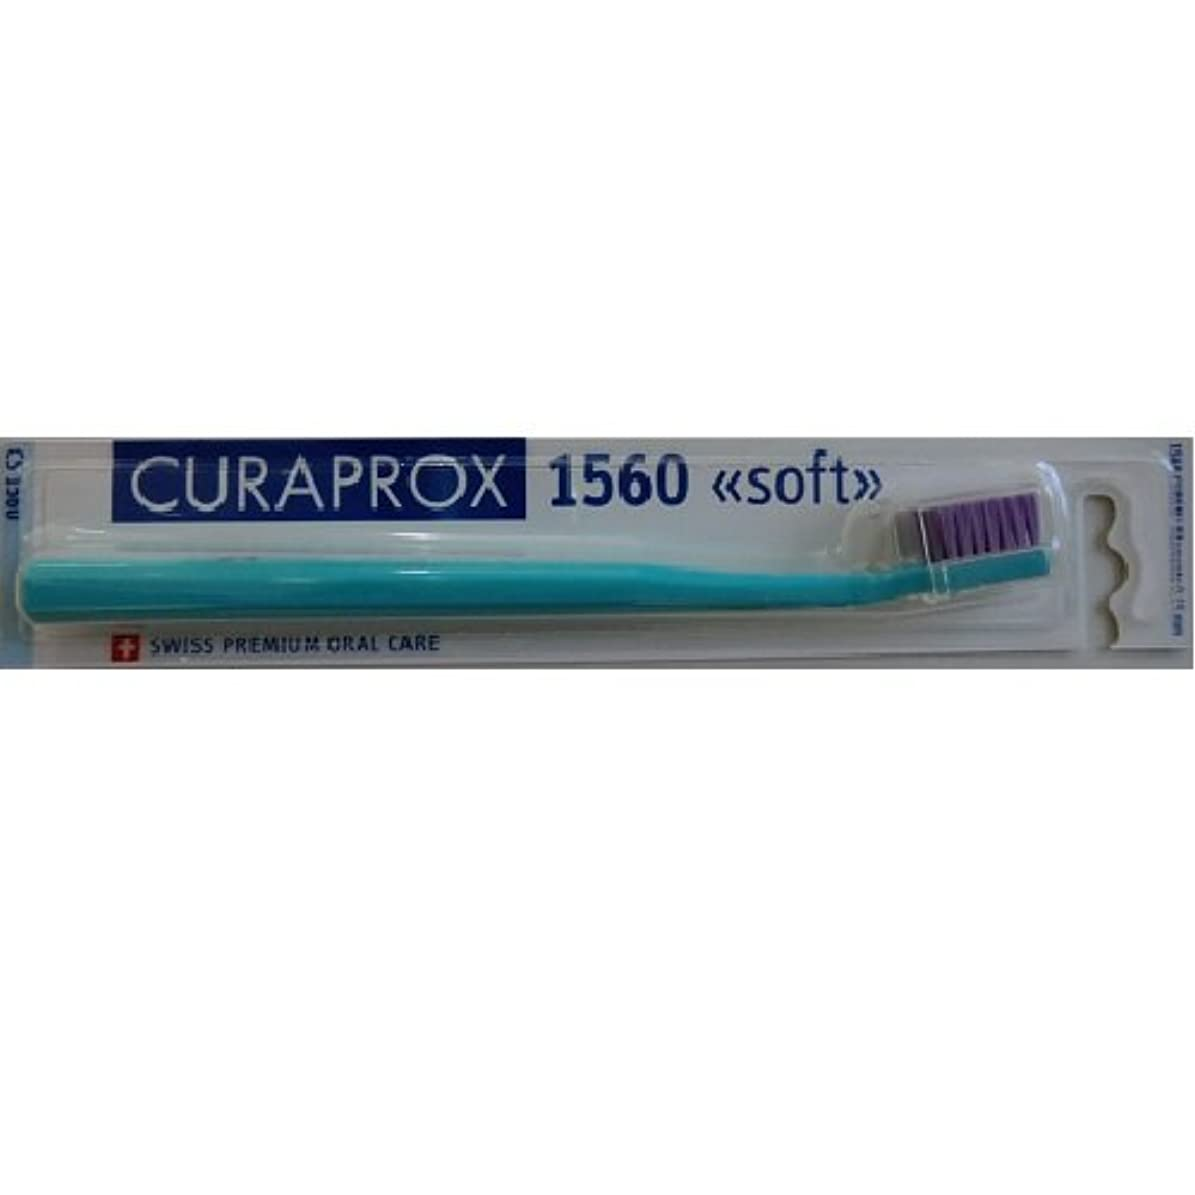 法廷ペイント帳面キュラプロックス1560?ソフト歯ブラシ